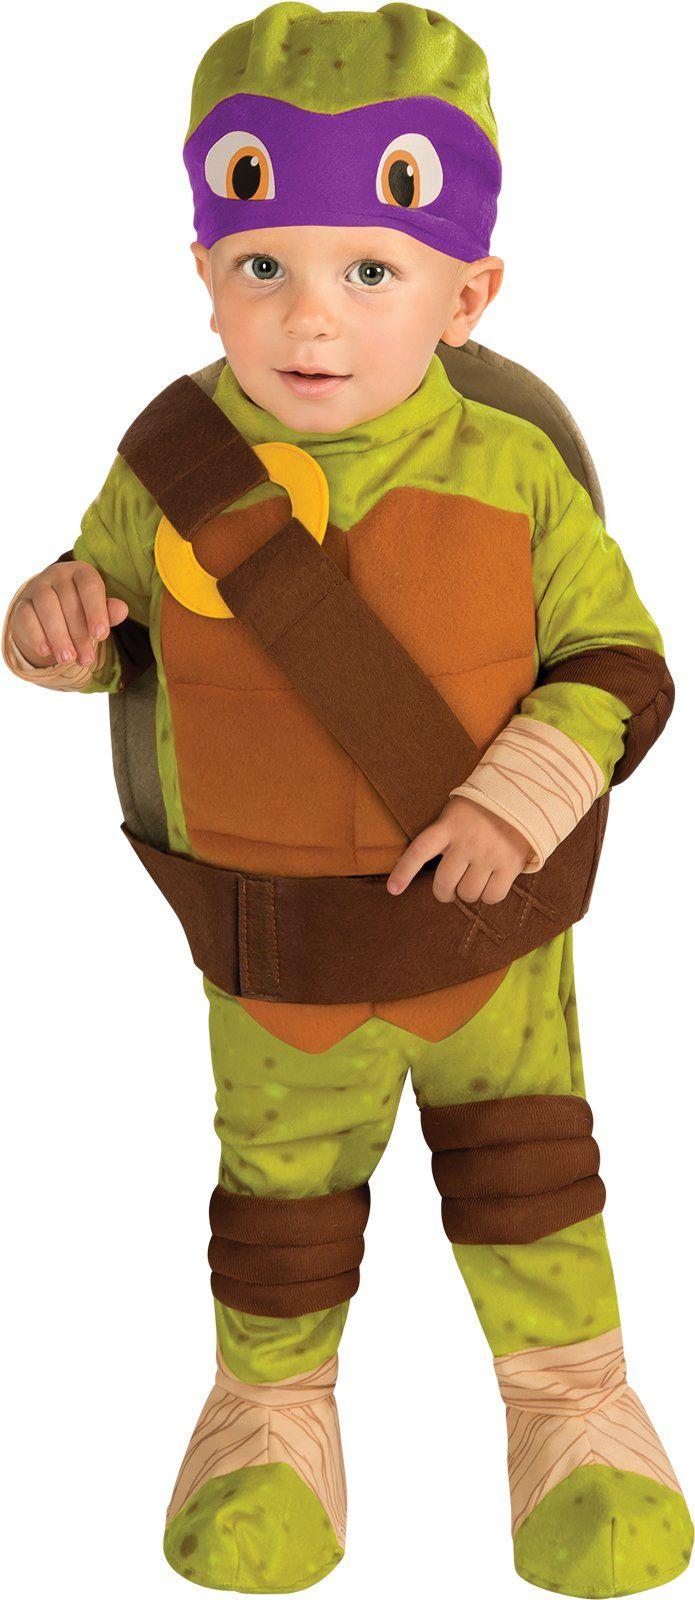 Teenage Mutant Ninja Turtle - Donatello Toddler Costume from CostumeExpress.com